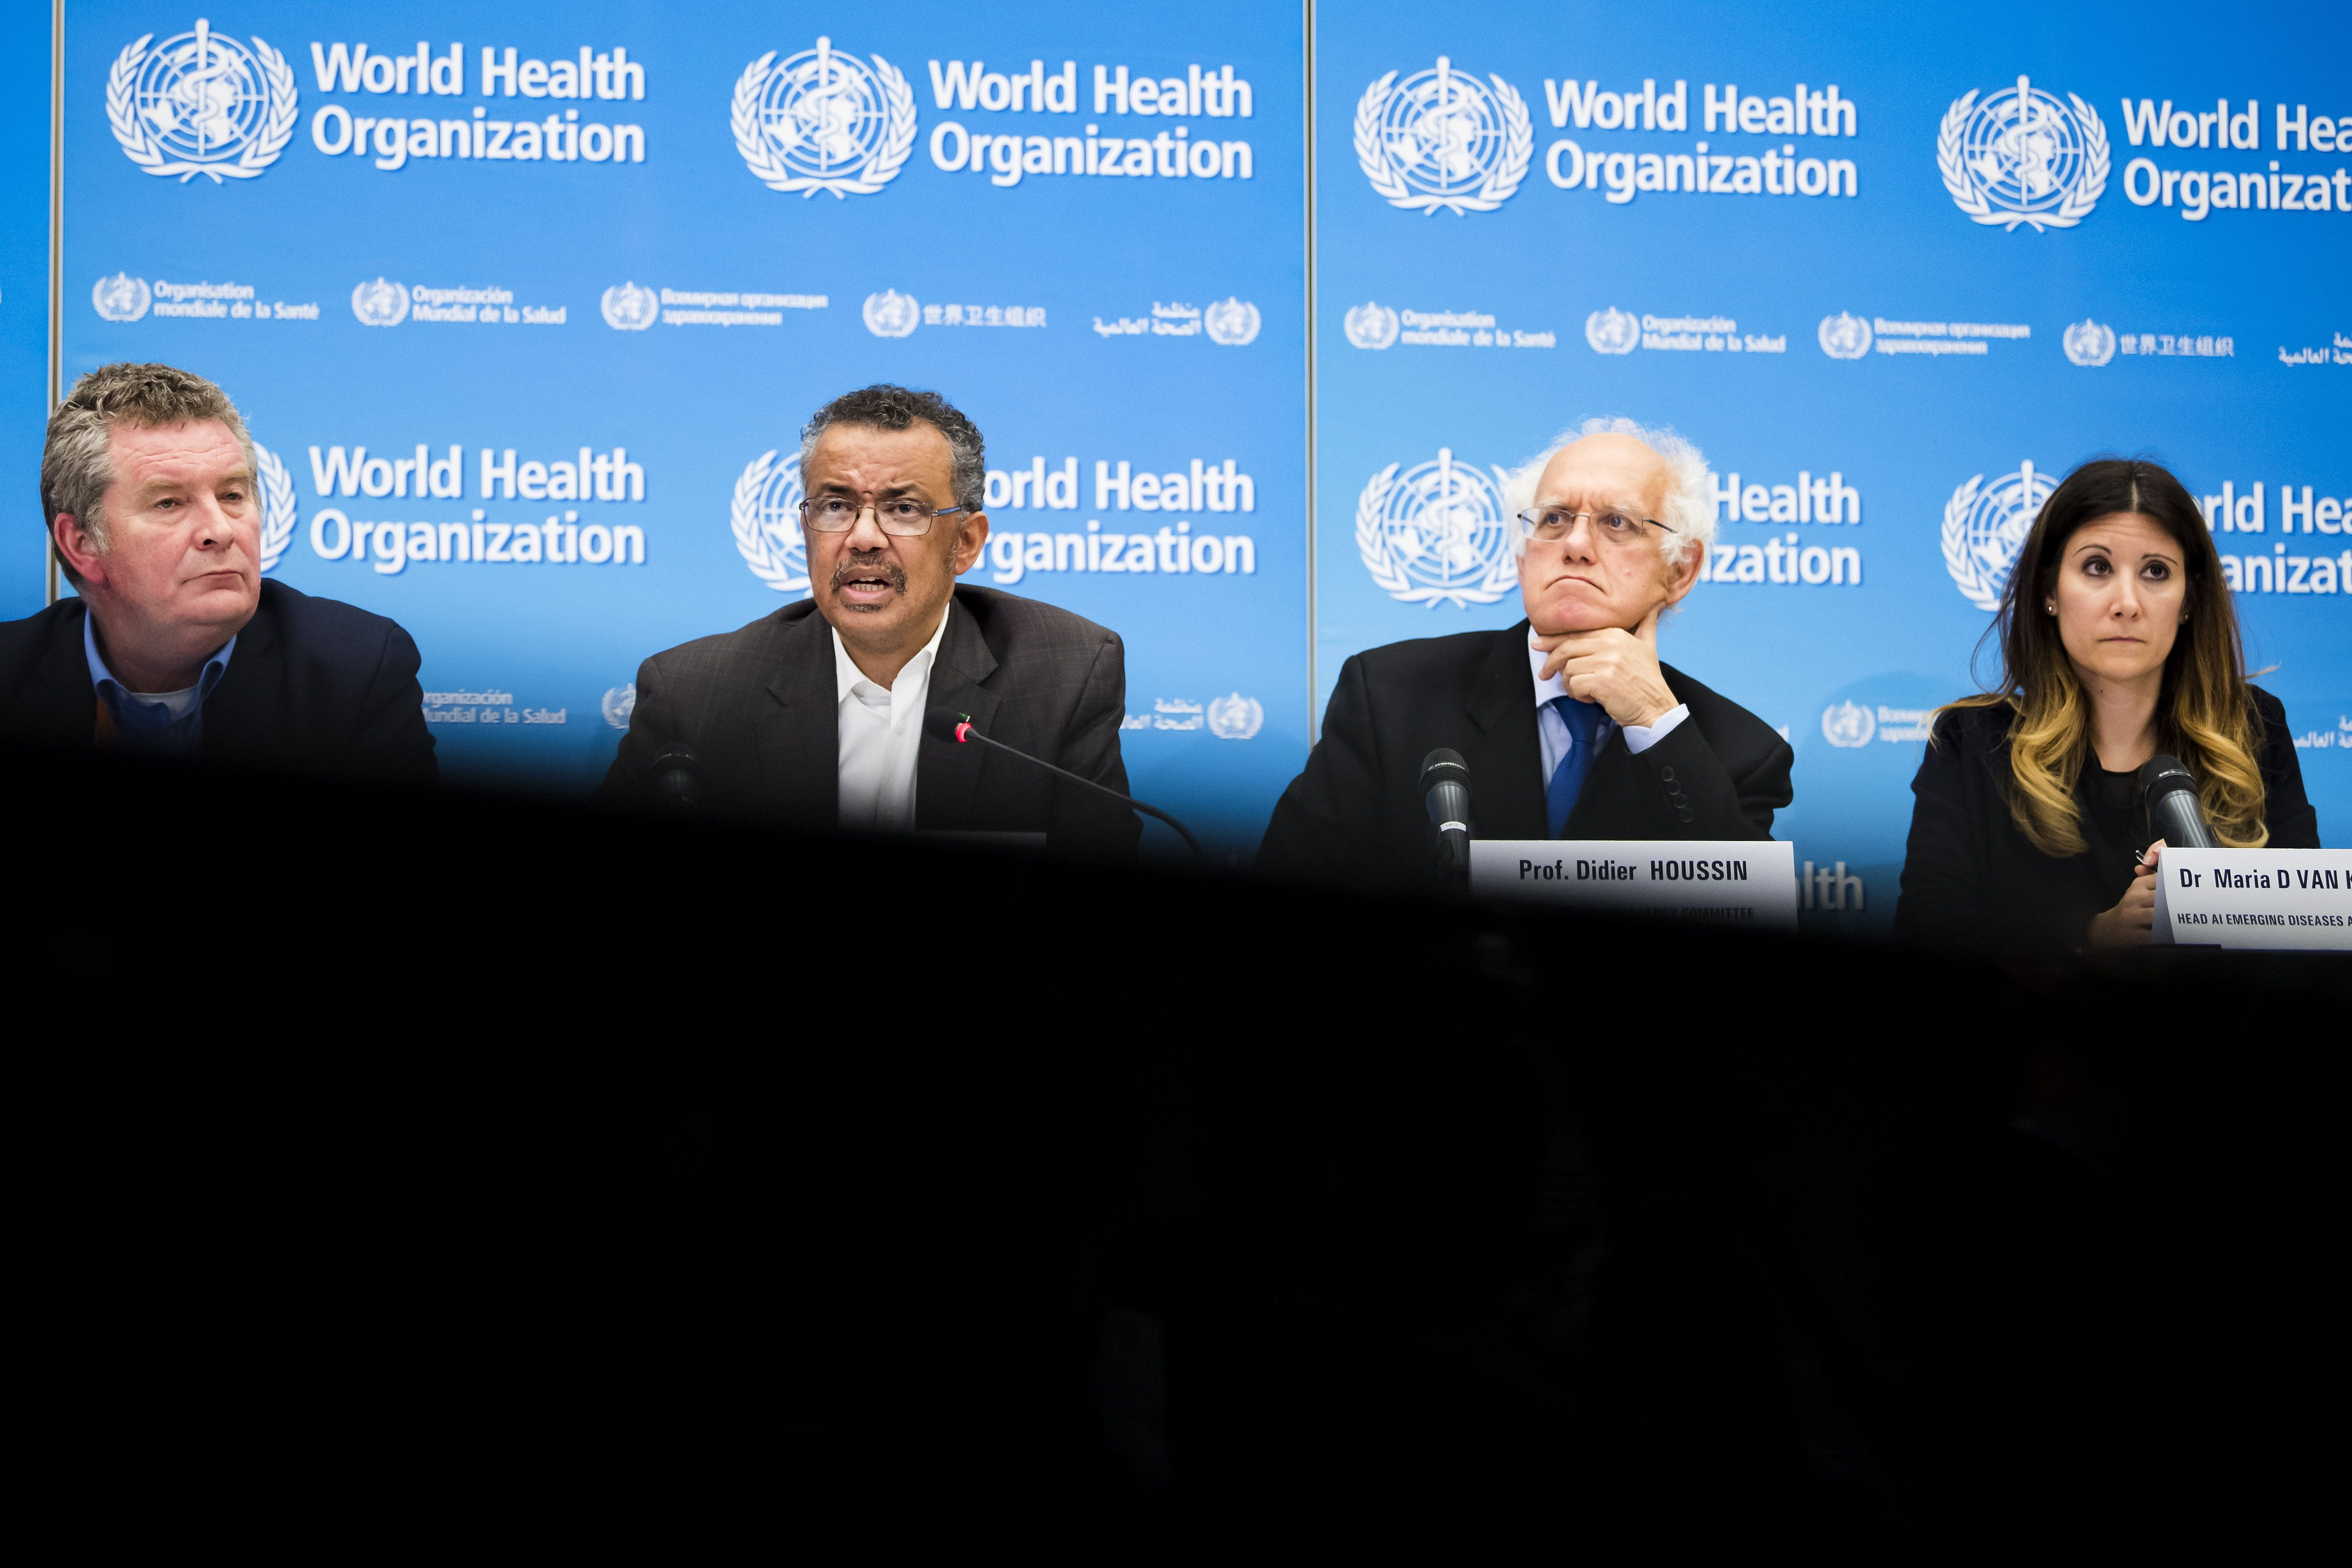 La OMS afirmó que no hay evidencia nueva cepa sea más grave o afecte vacunas (EFE/EPA/JEAN-CHRISTOPHE BOTT/Archivo)